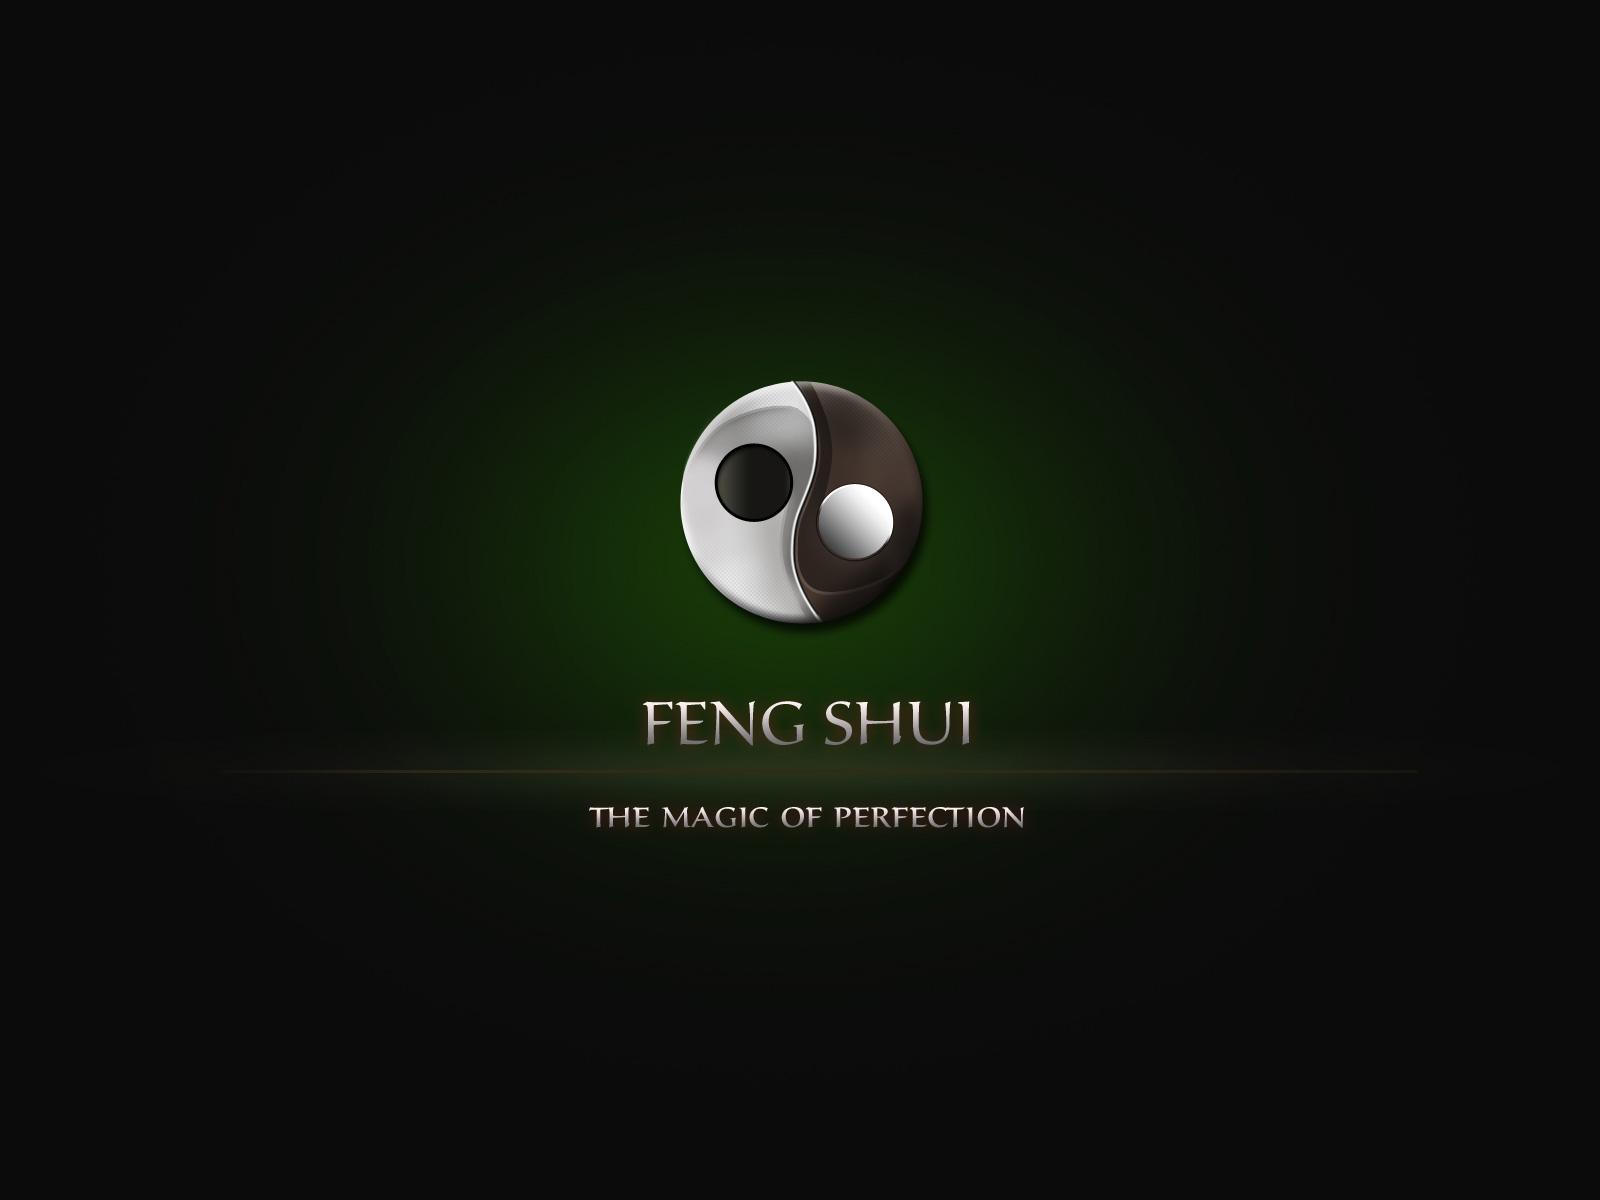 Reni S Blog Feng Shui Wallpaper